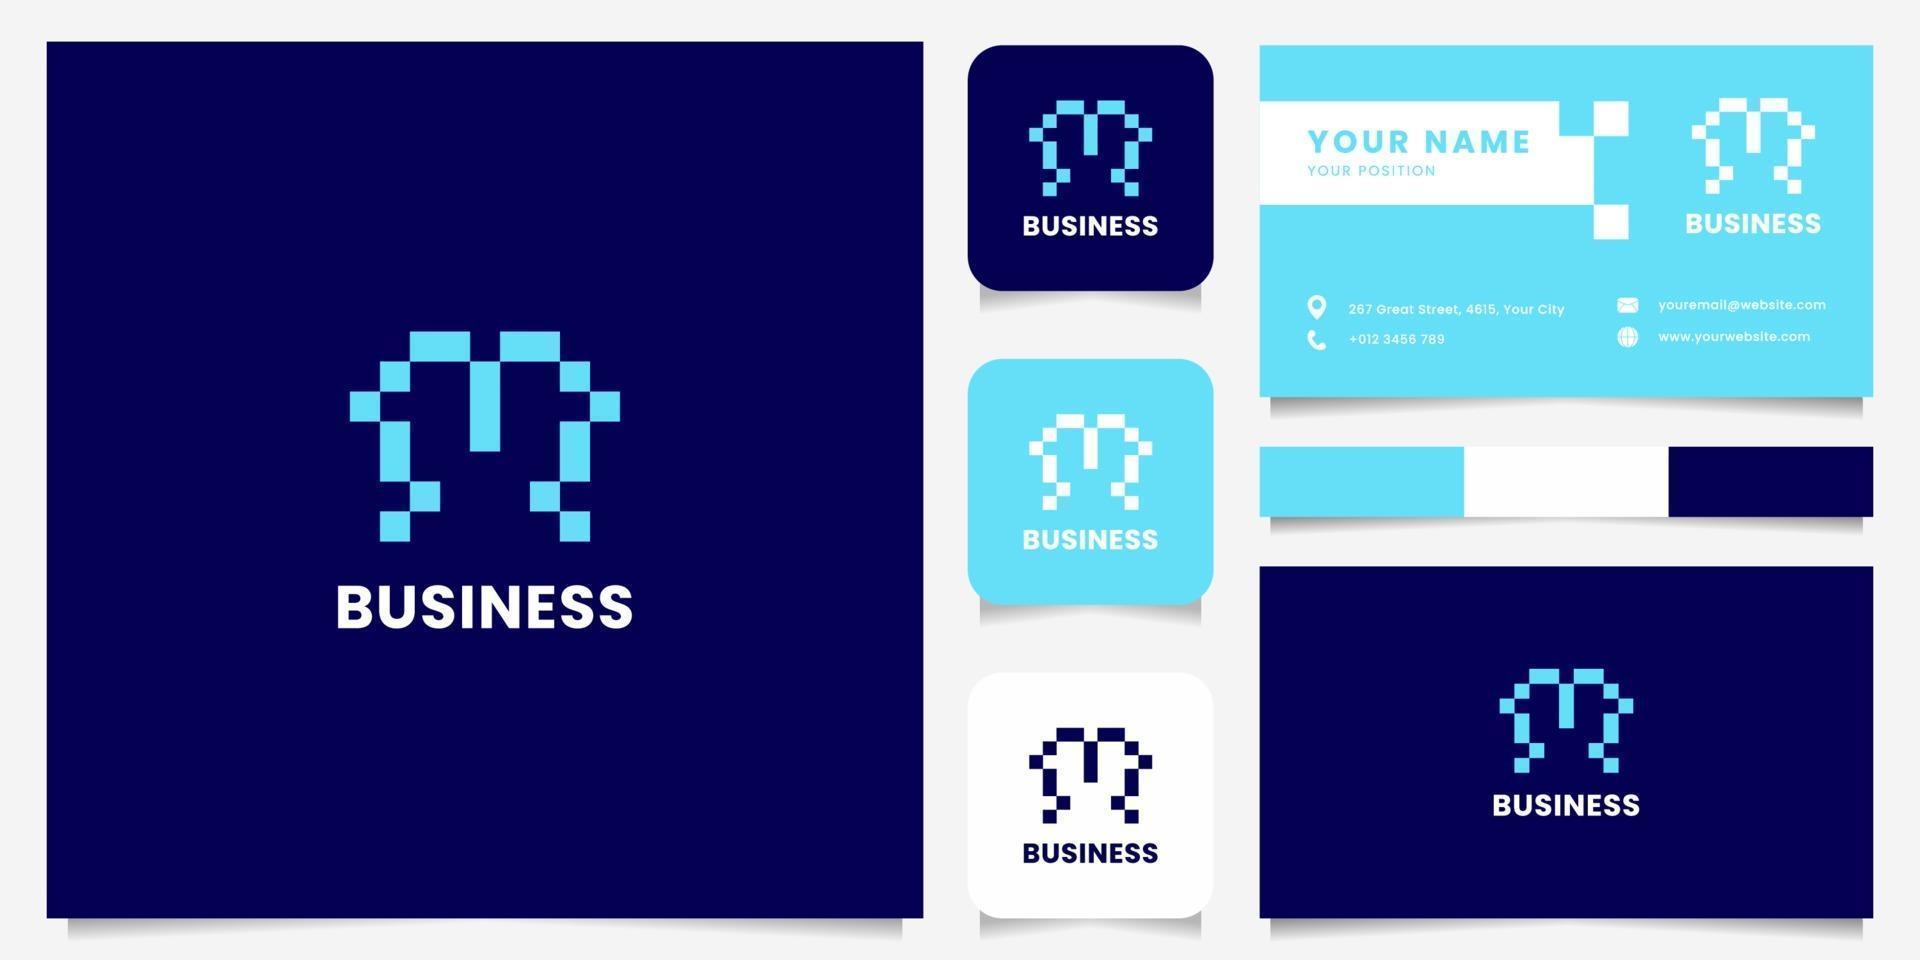 enkel och minimalistisk blå pixel bokstaven m logotyp med visitkortsmall vektor